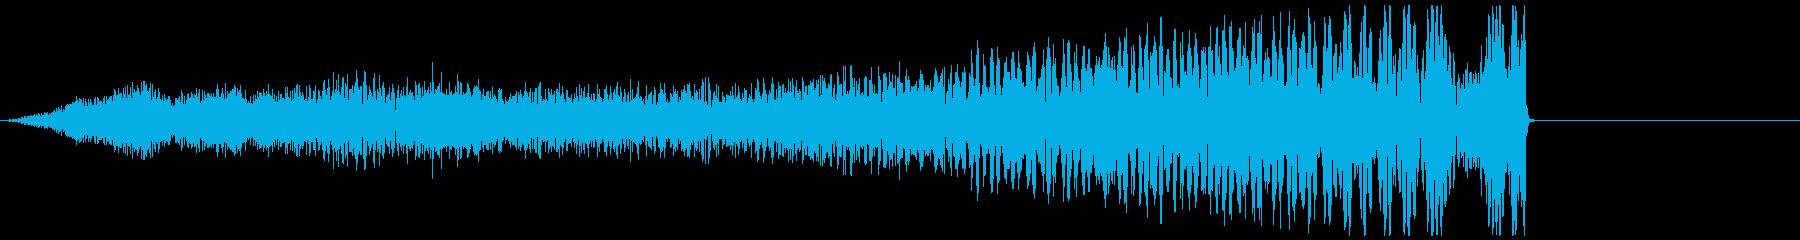 【ホラー】気味悪い殺気 ヒューッの再生済みの波形